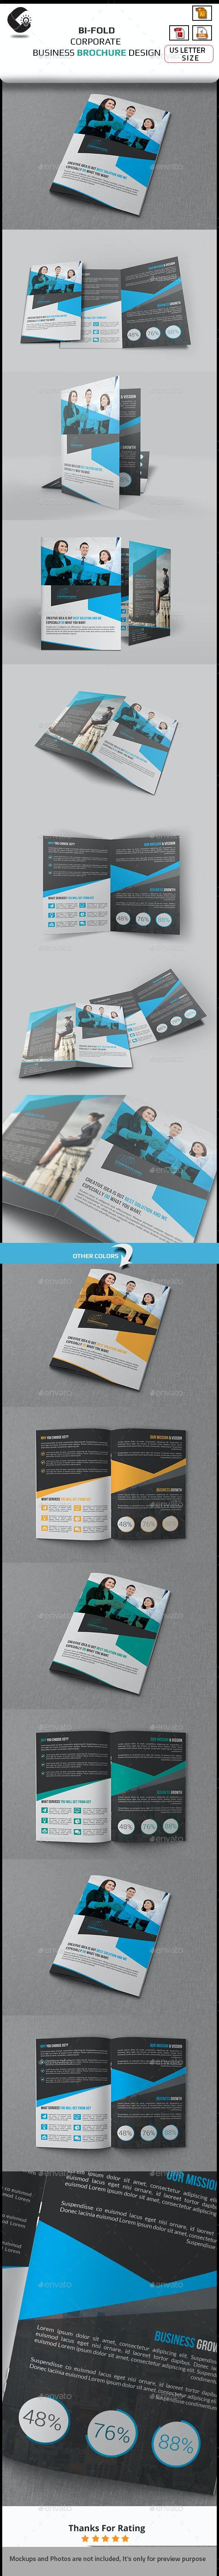 Company Bi Fold Brochure Template - Corporate Brochures